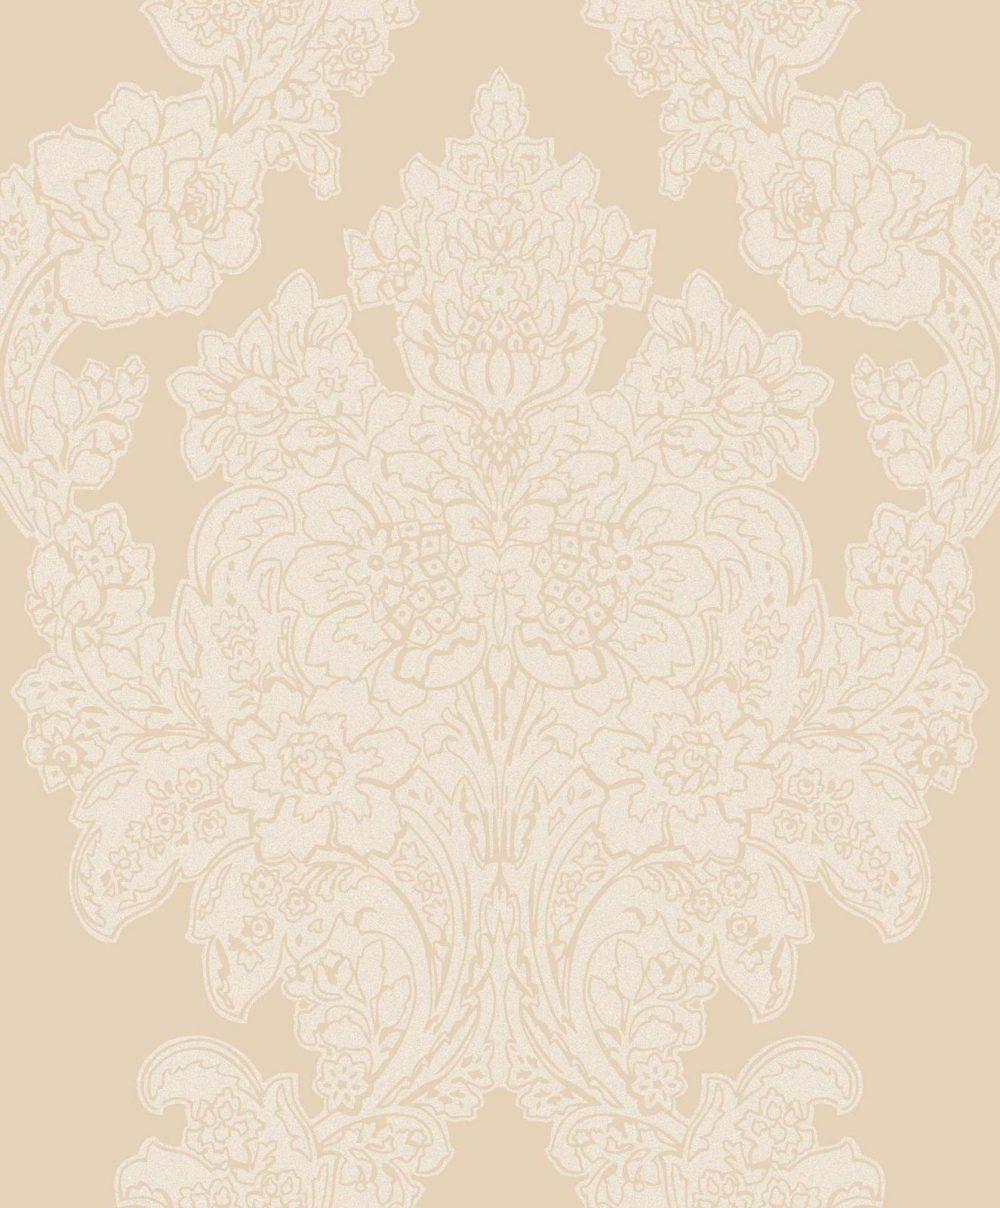 آلبوم کاغذ دیواری Love کد 81004